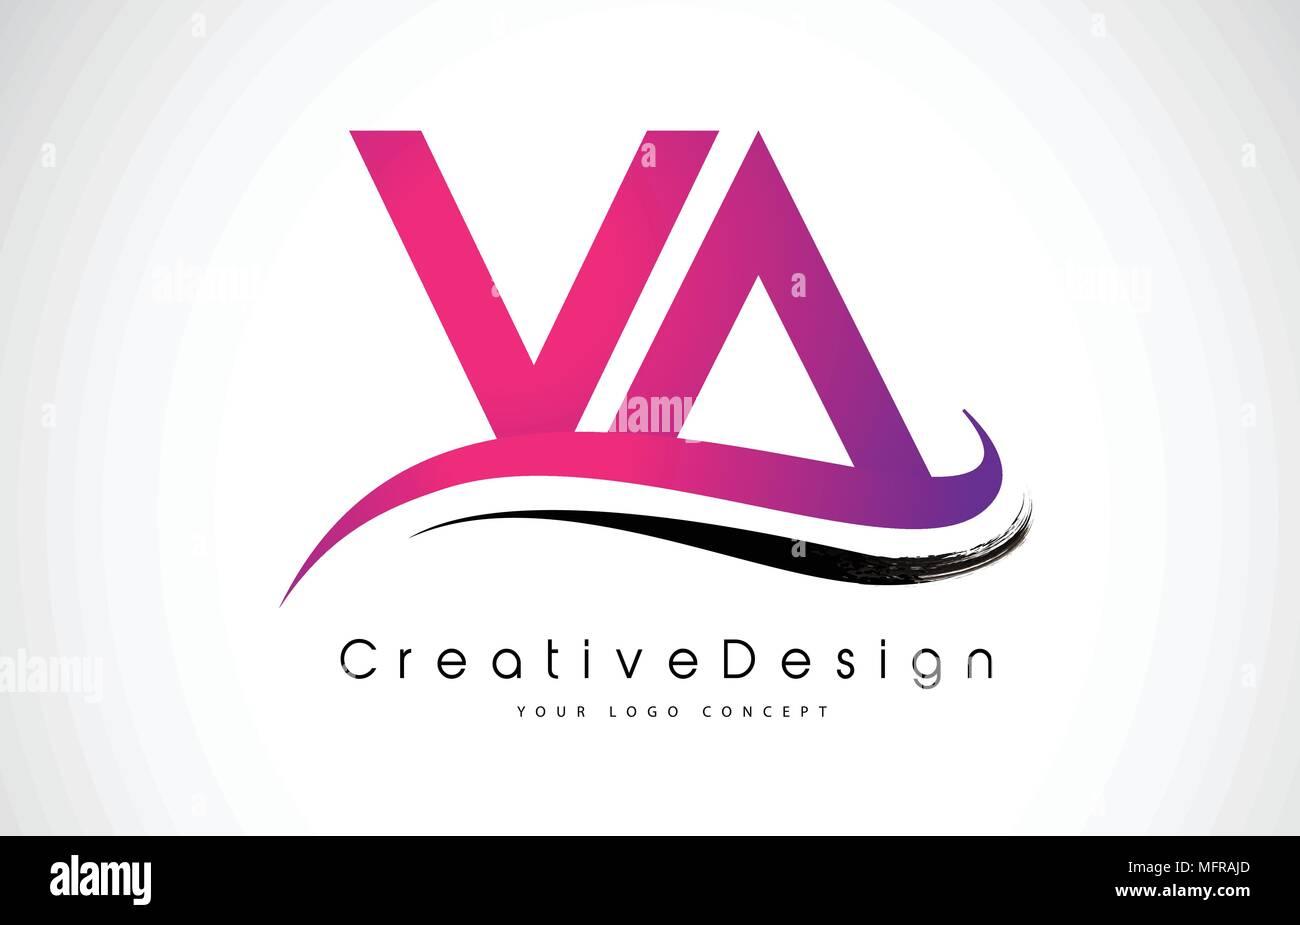 VA V A Letter Logo Design in Black Colors. Creative Modern Letters ...